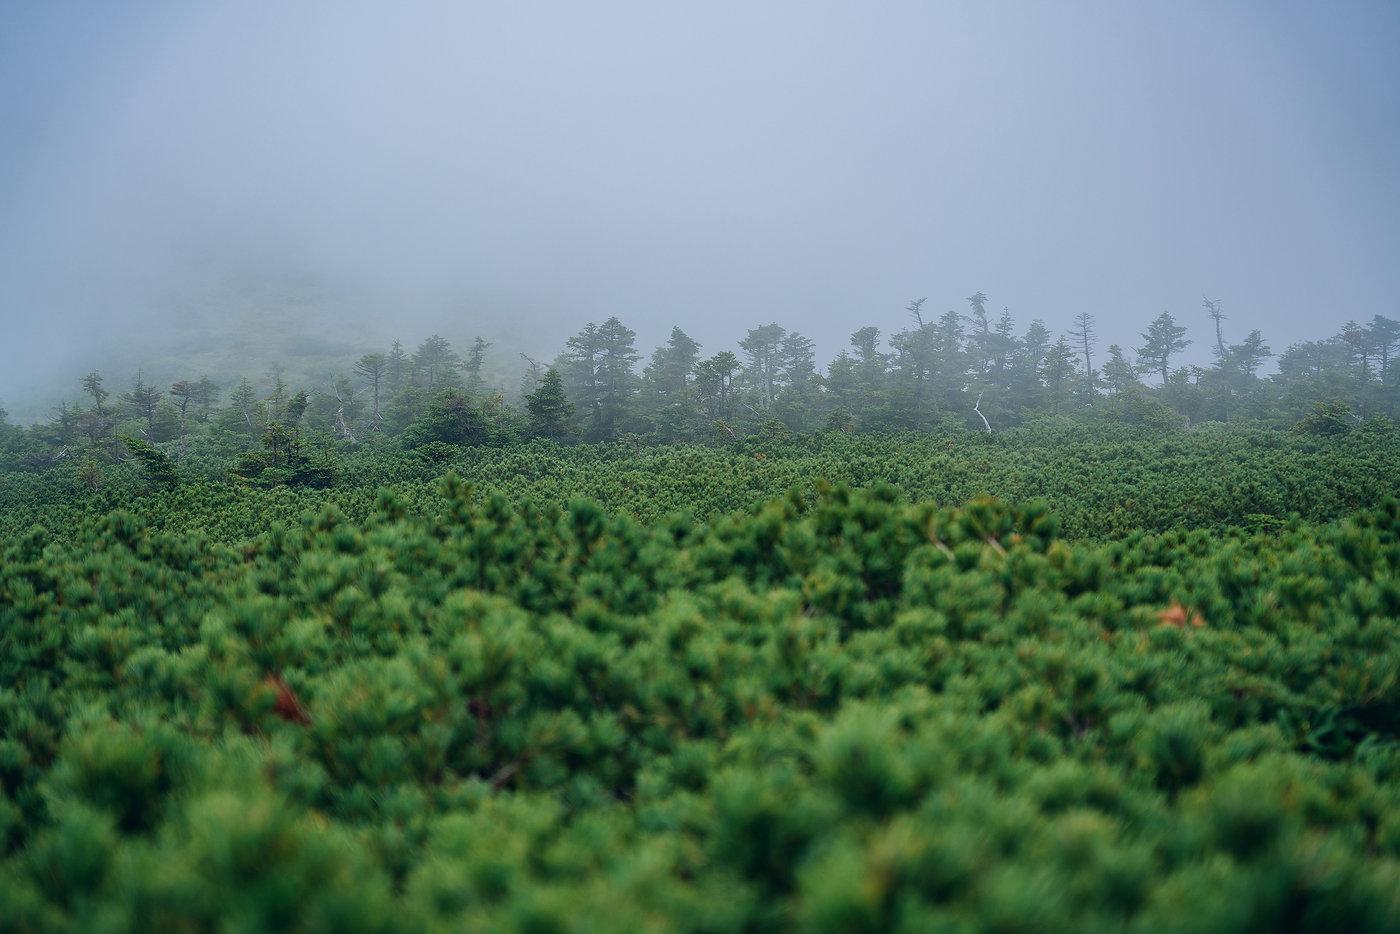 風景写真家 風景写真 フォトジャーナリスト